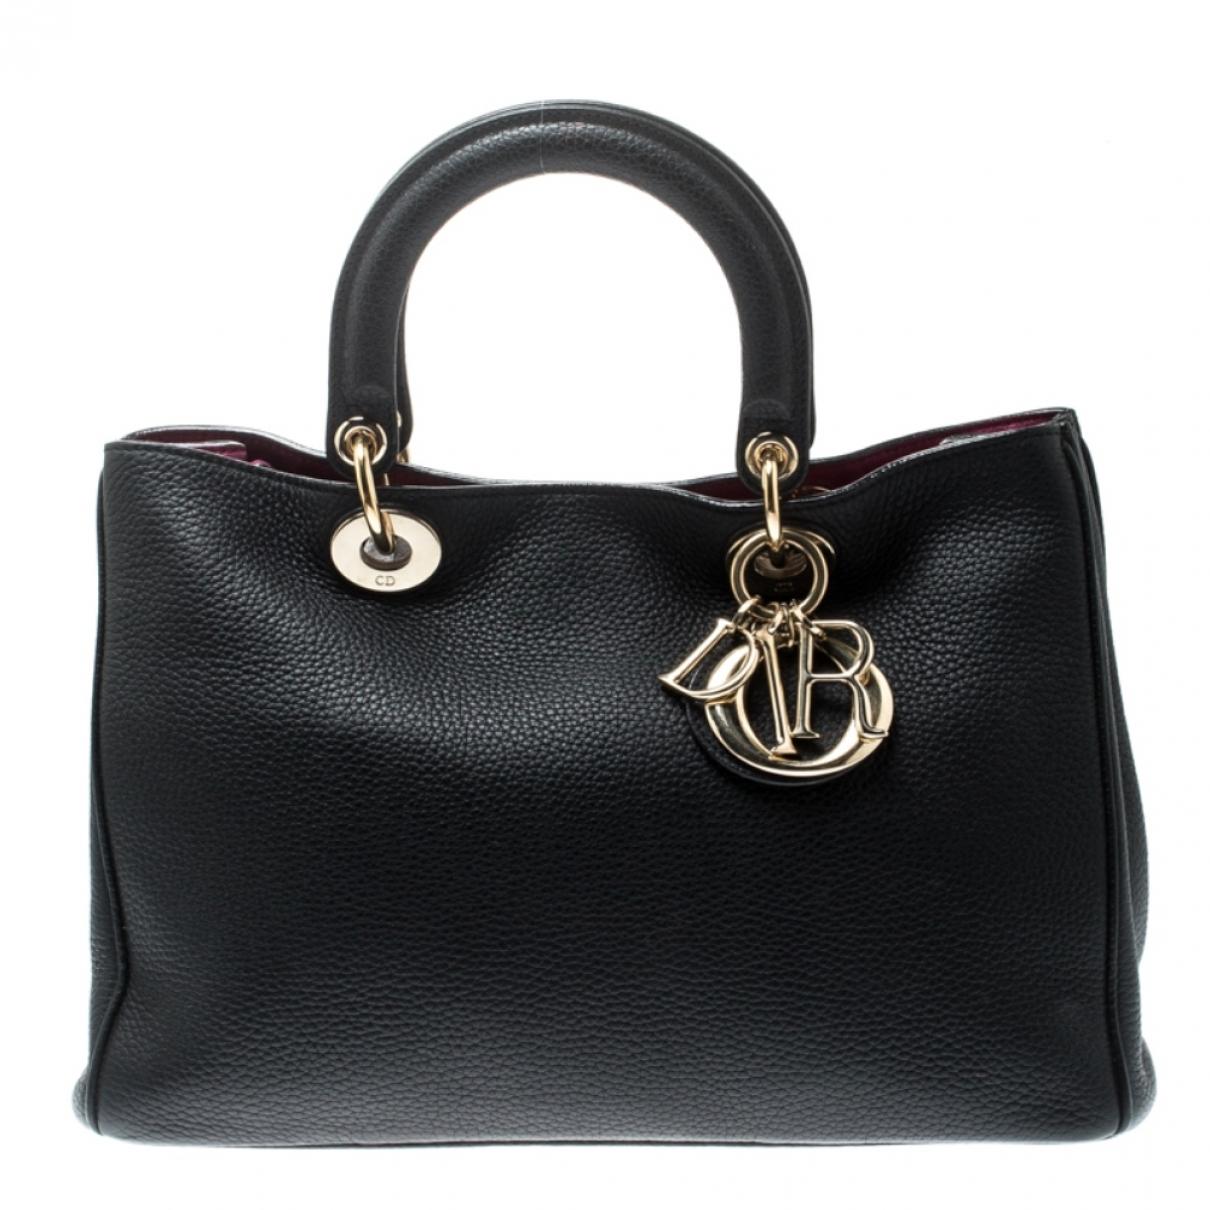 Dior - Sac a main Diorissimo pour femme en cuir - noir